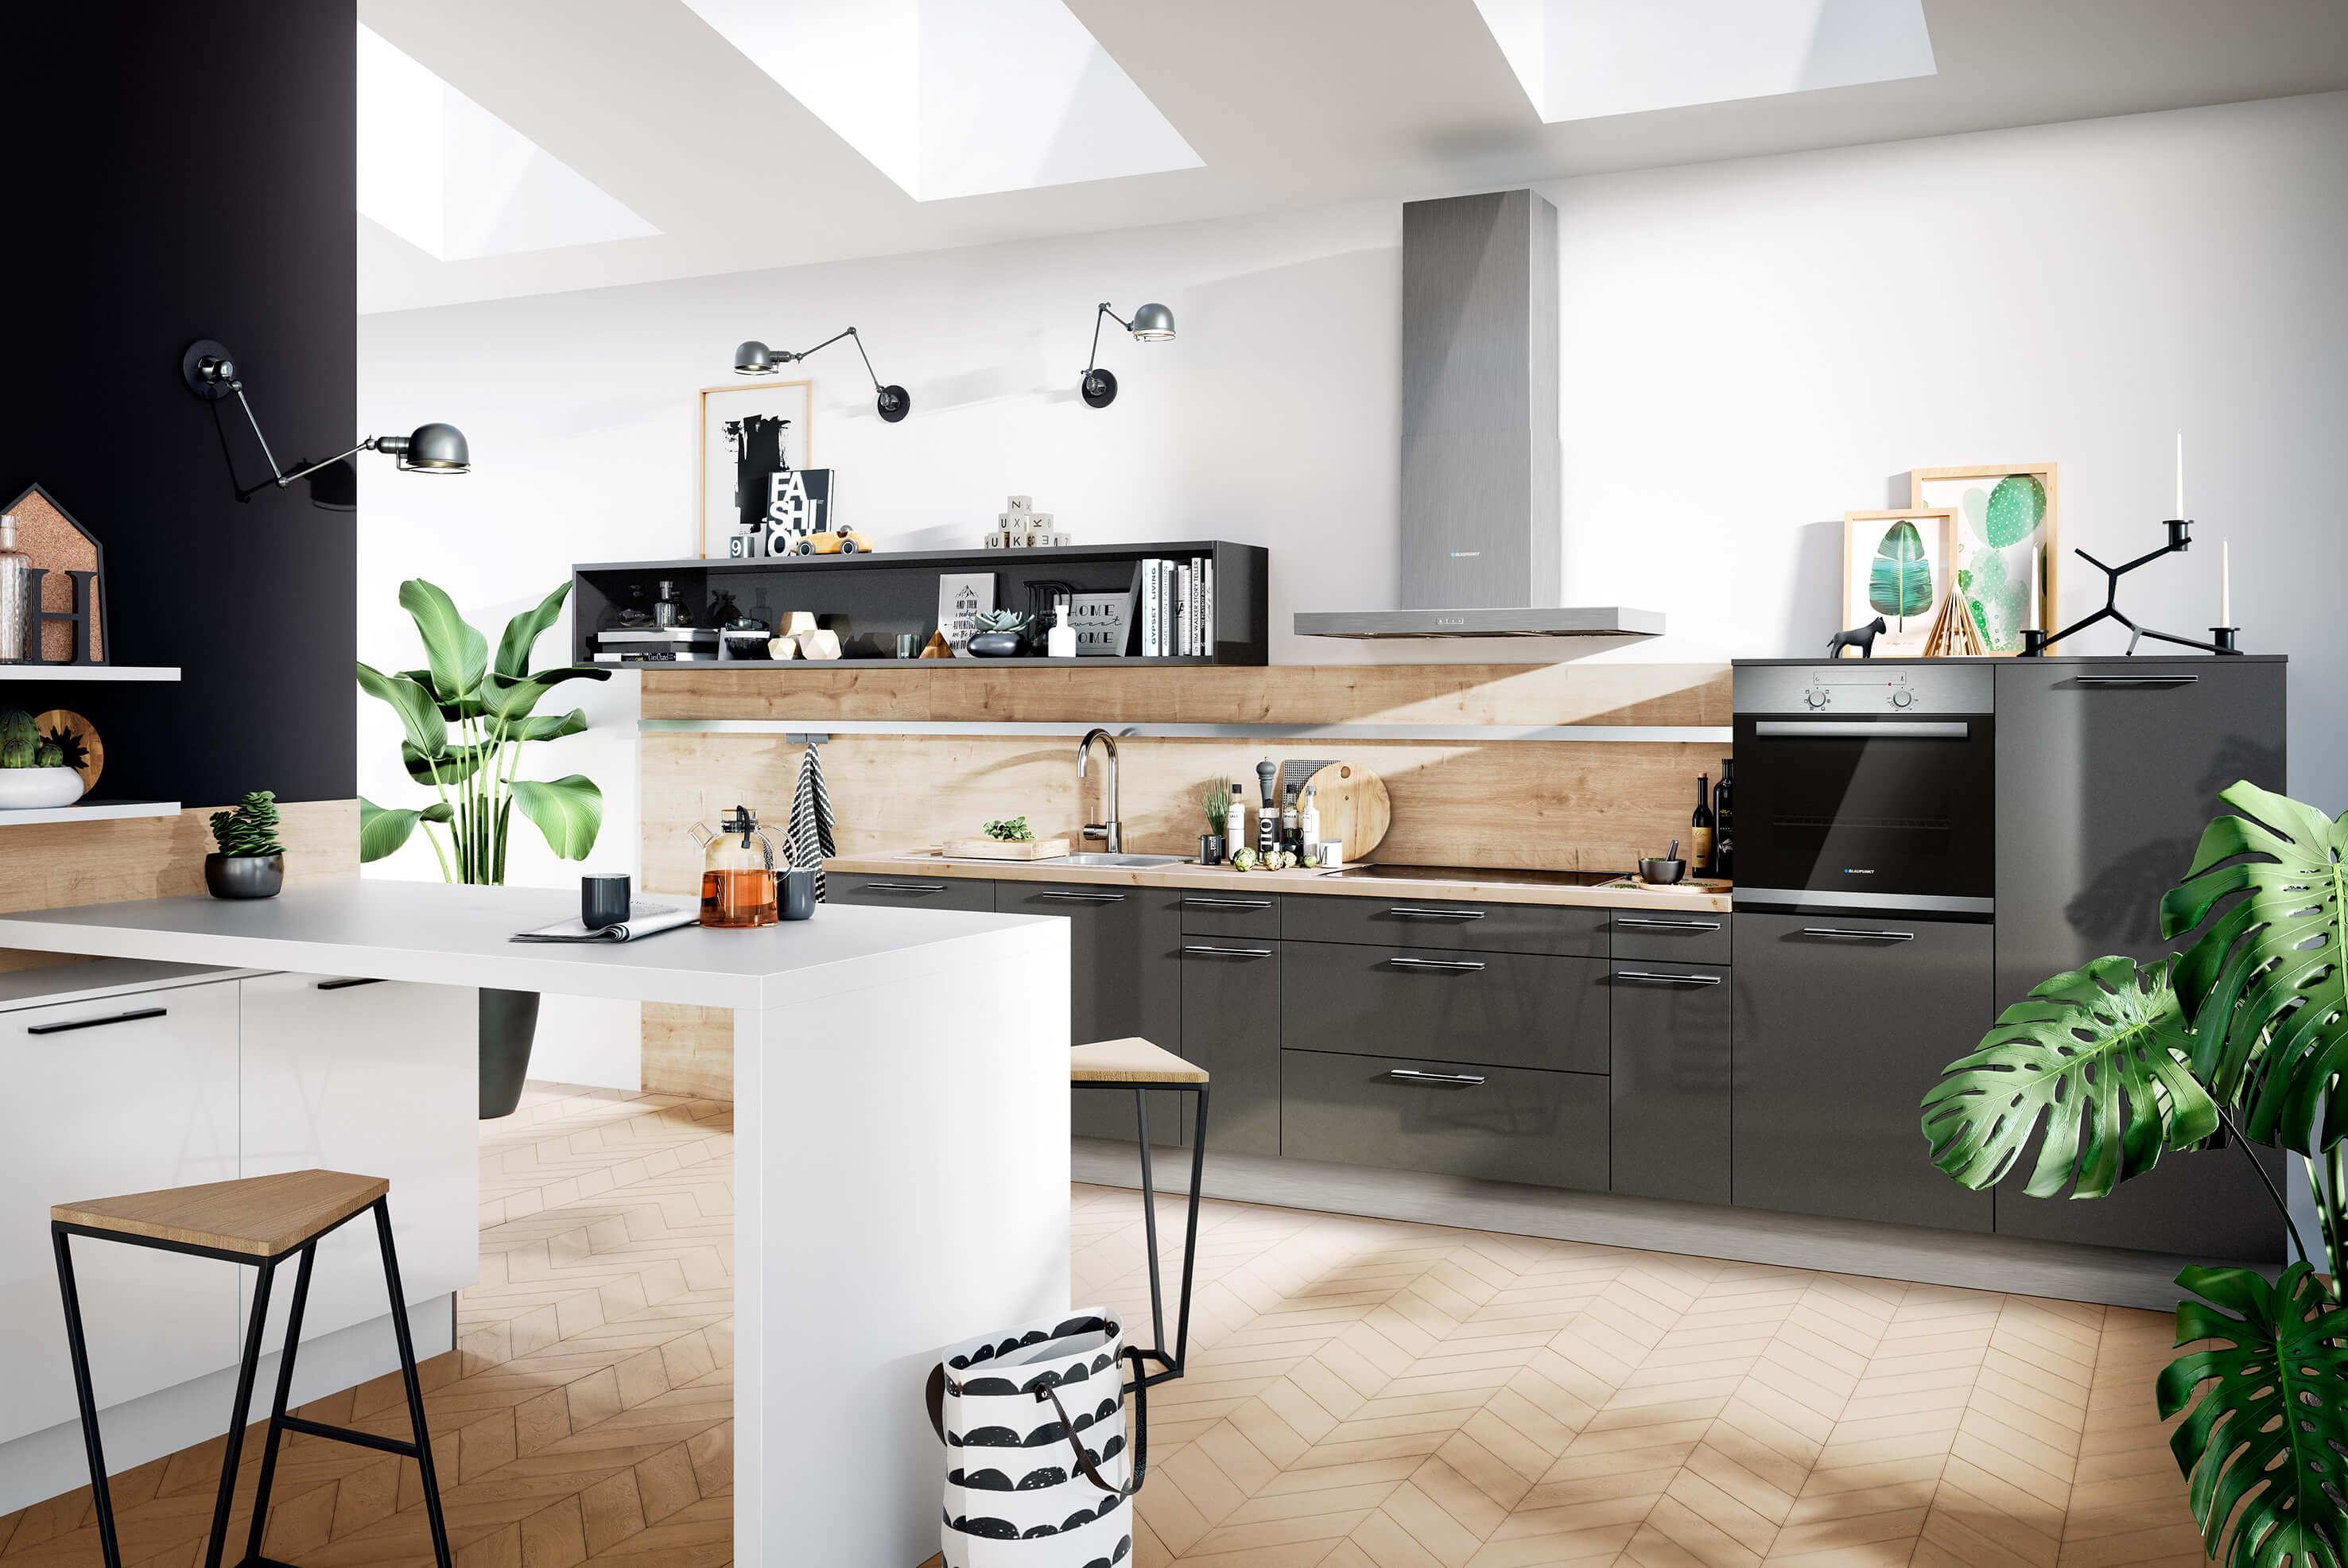 Häcker-Classic Küchenfronten: Jetzt Häcker-Classic Fronten